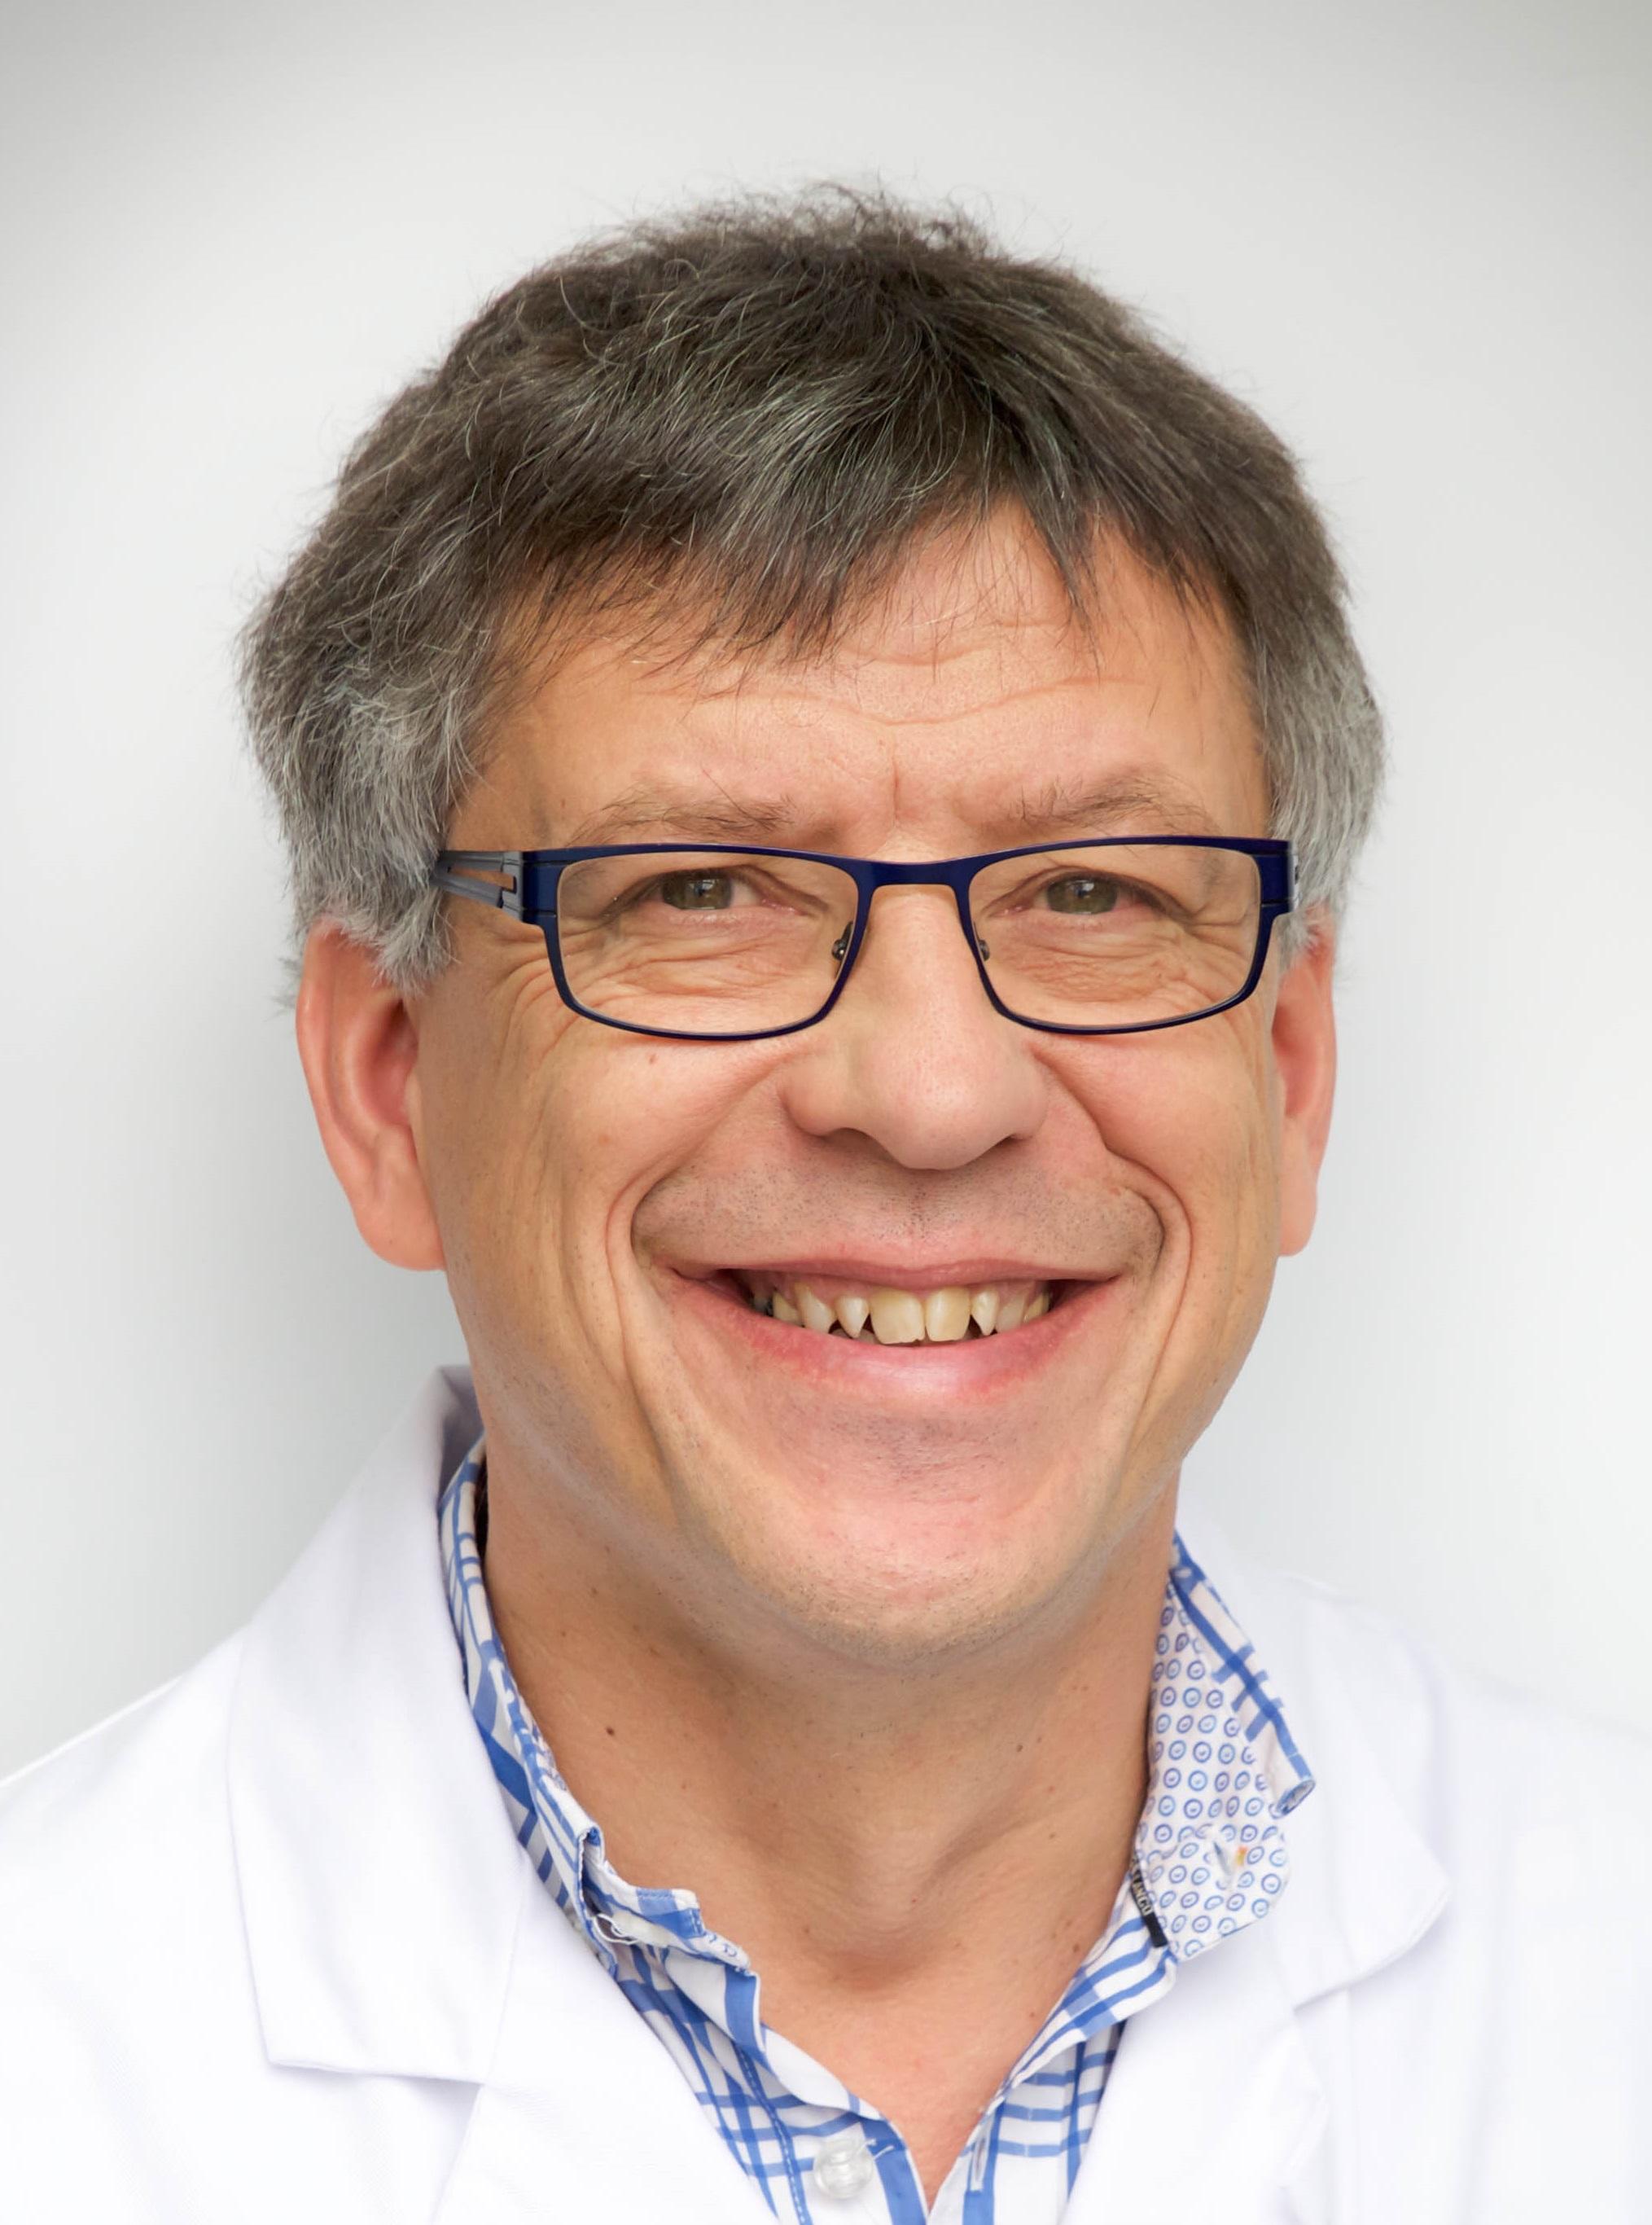 Dr LEMIRE